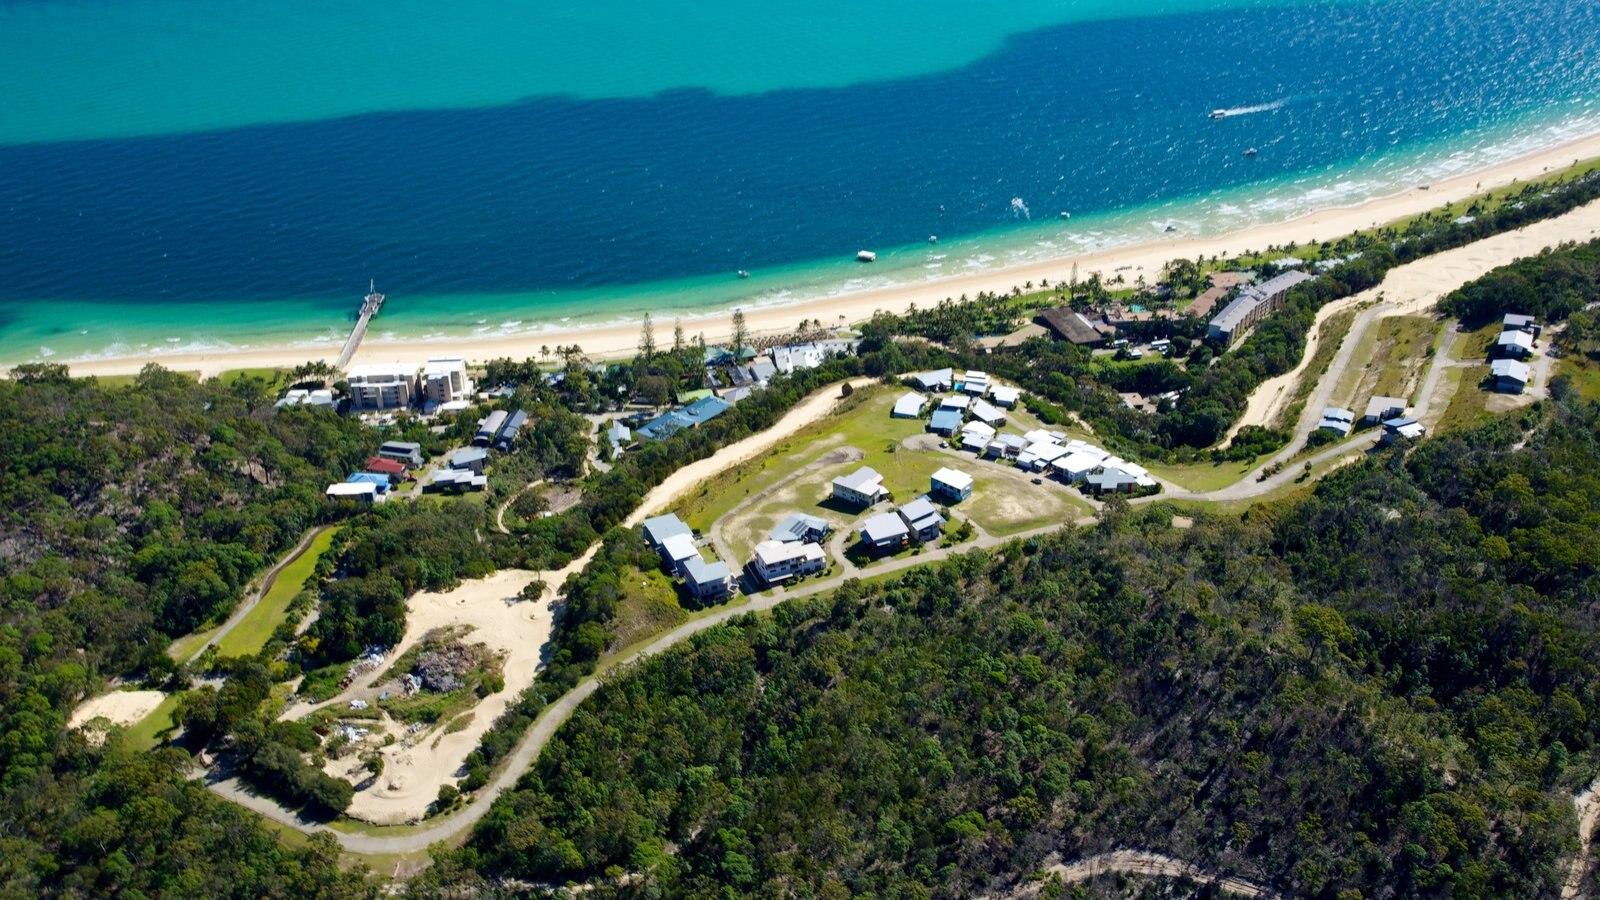 Parque nacional de Isla Moreton ofreciendo vistas generales de la costa